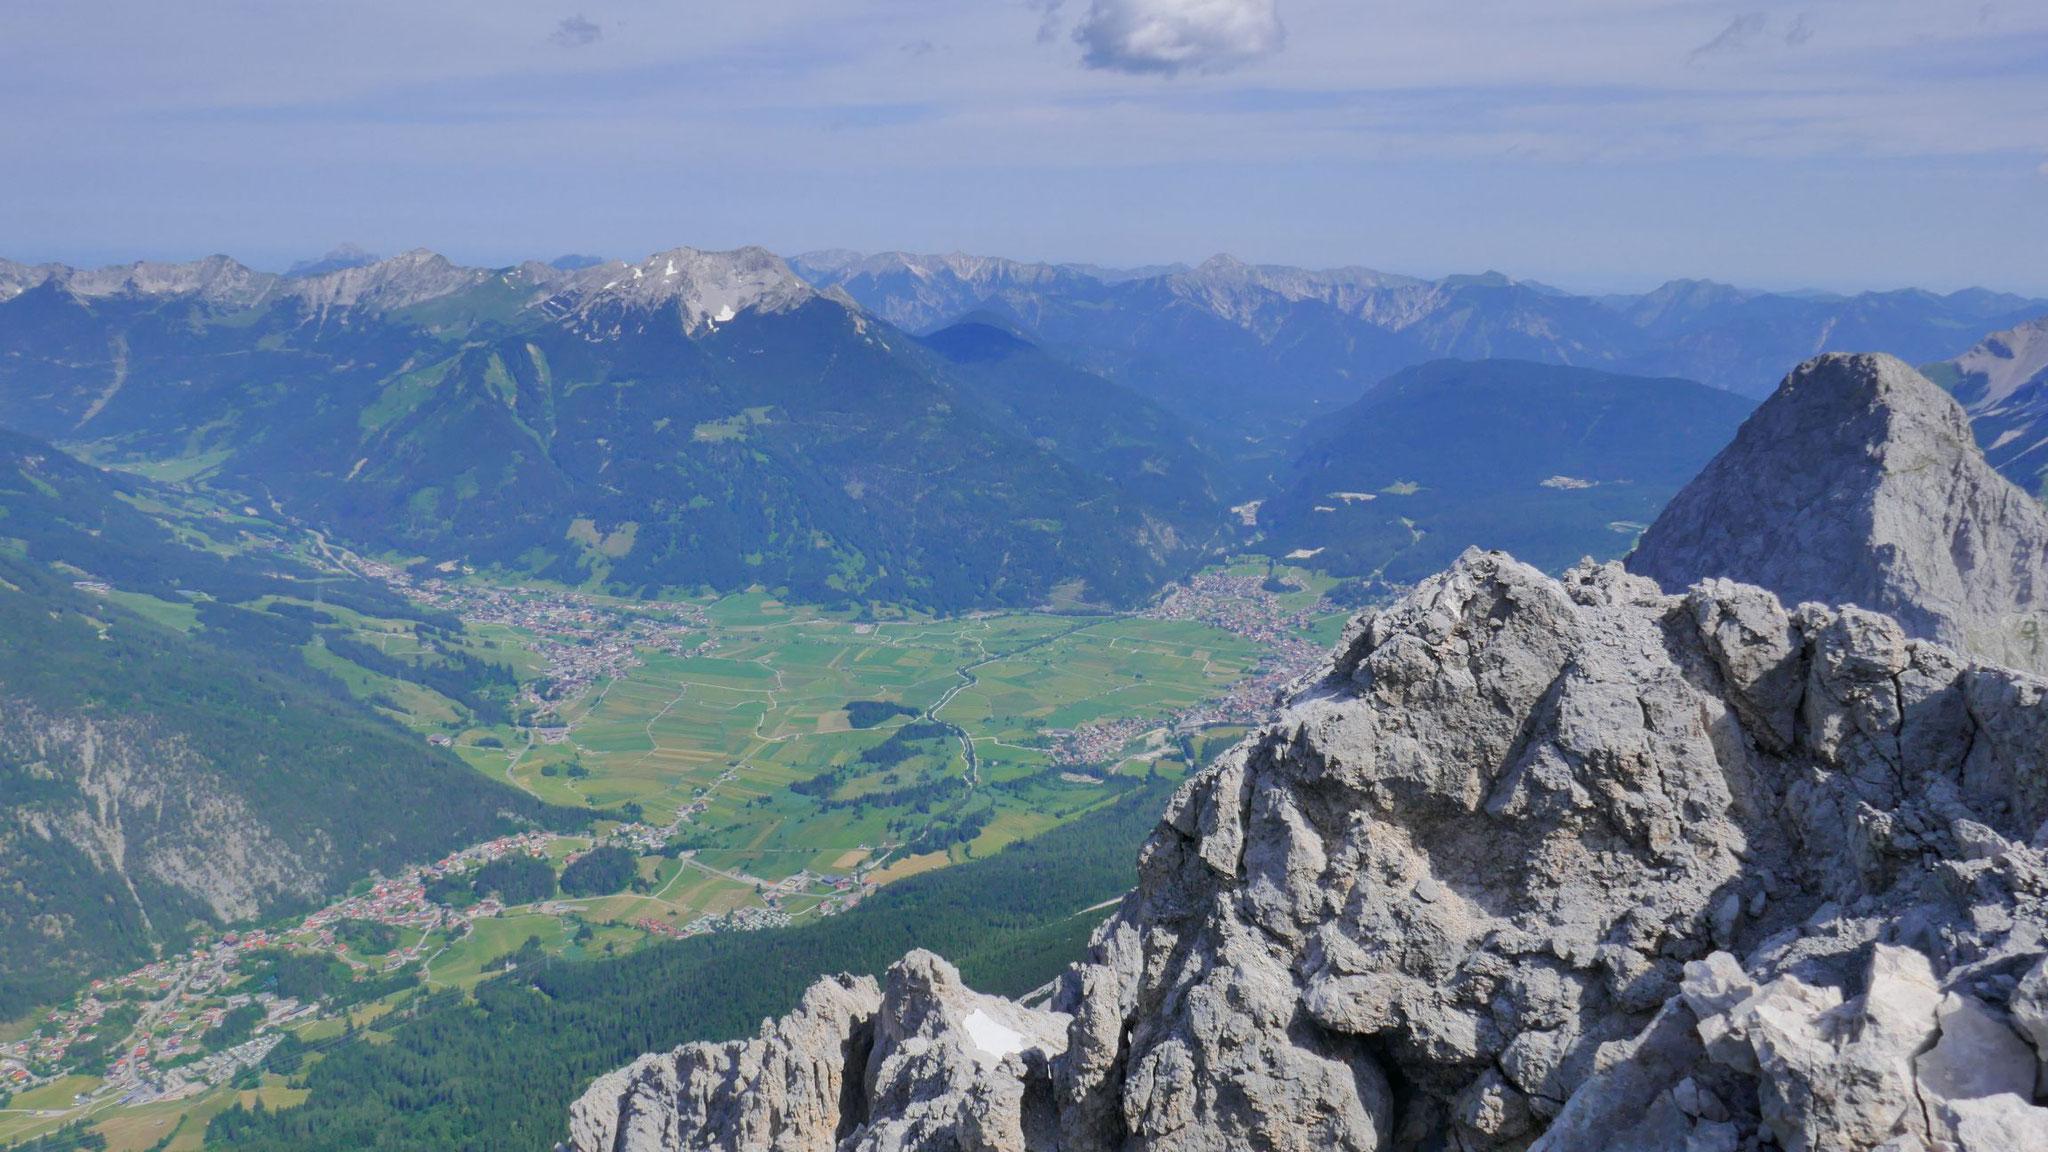 Biberwier - Lermoos - Ehrwald, dahinter die Ammergauer mit dem Daniel